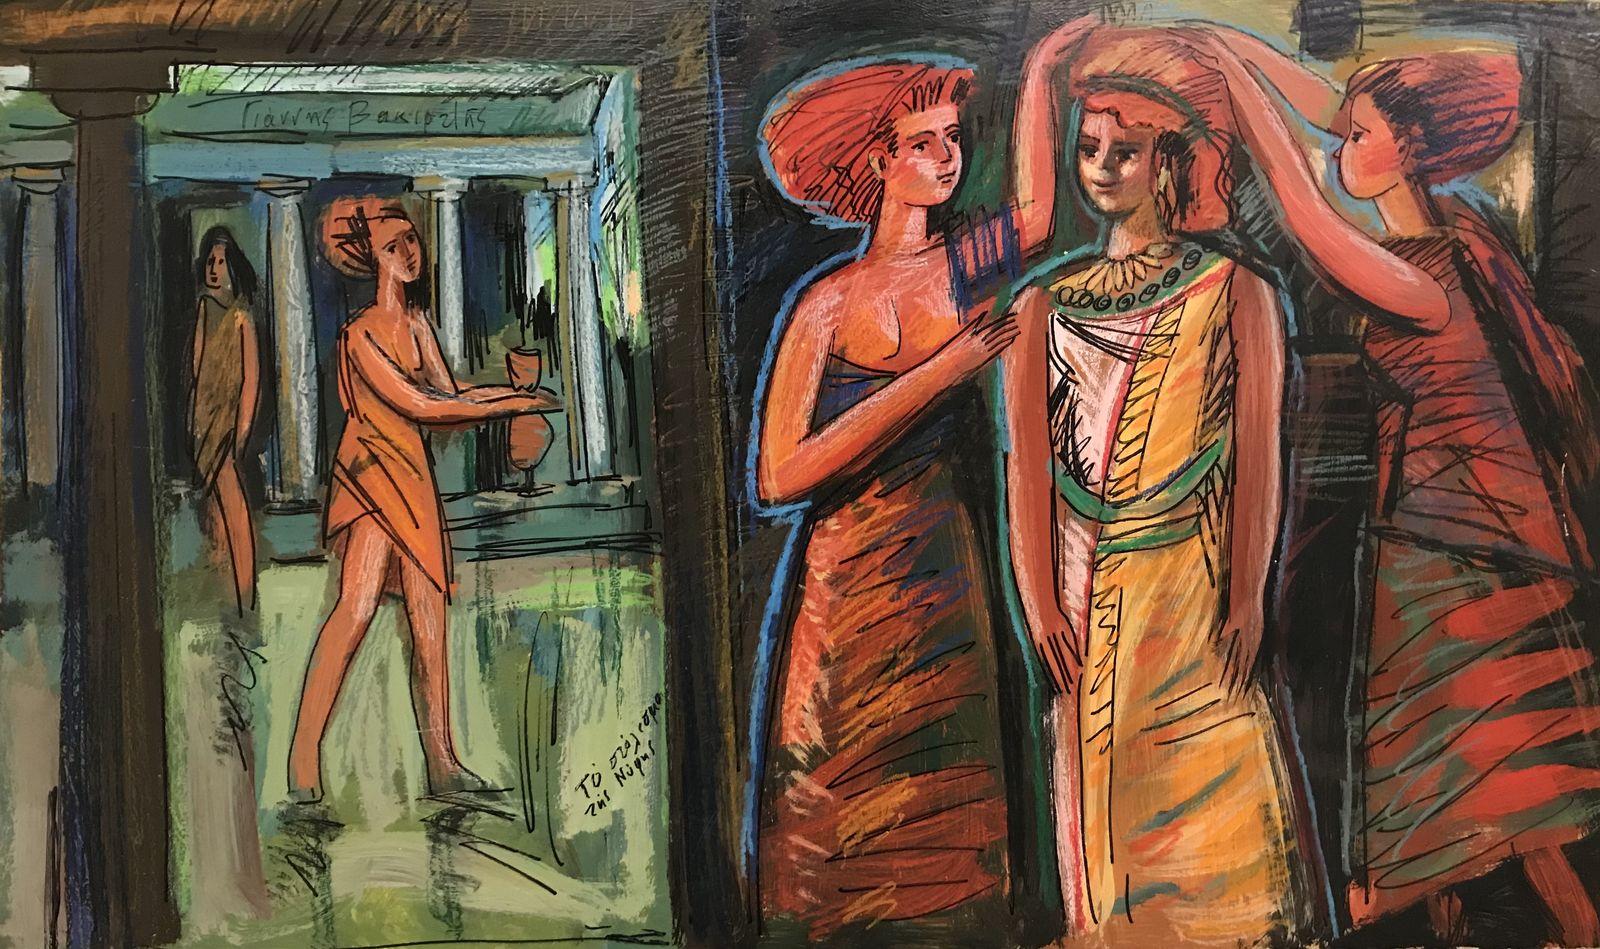 Γιάννης Βακιρτζής 50×85 Ακρυλικά σε καμβά Yiannis Vakirtzis 50×85 Acrylics on canvas.jpg